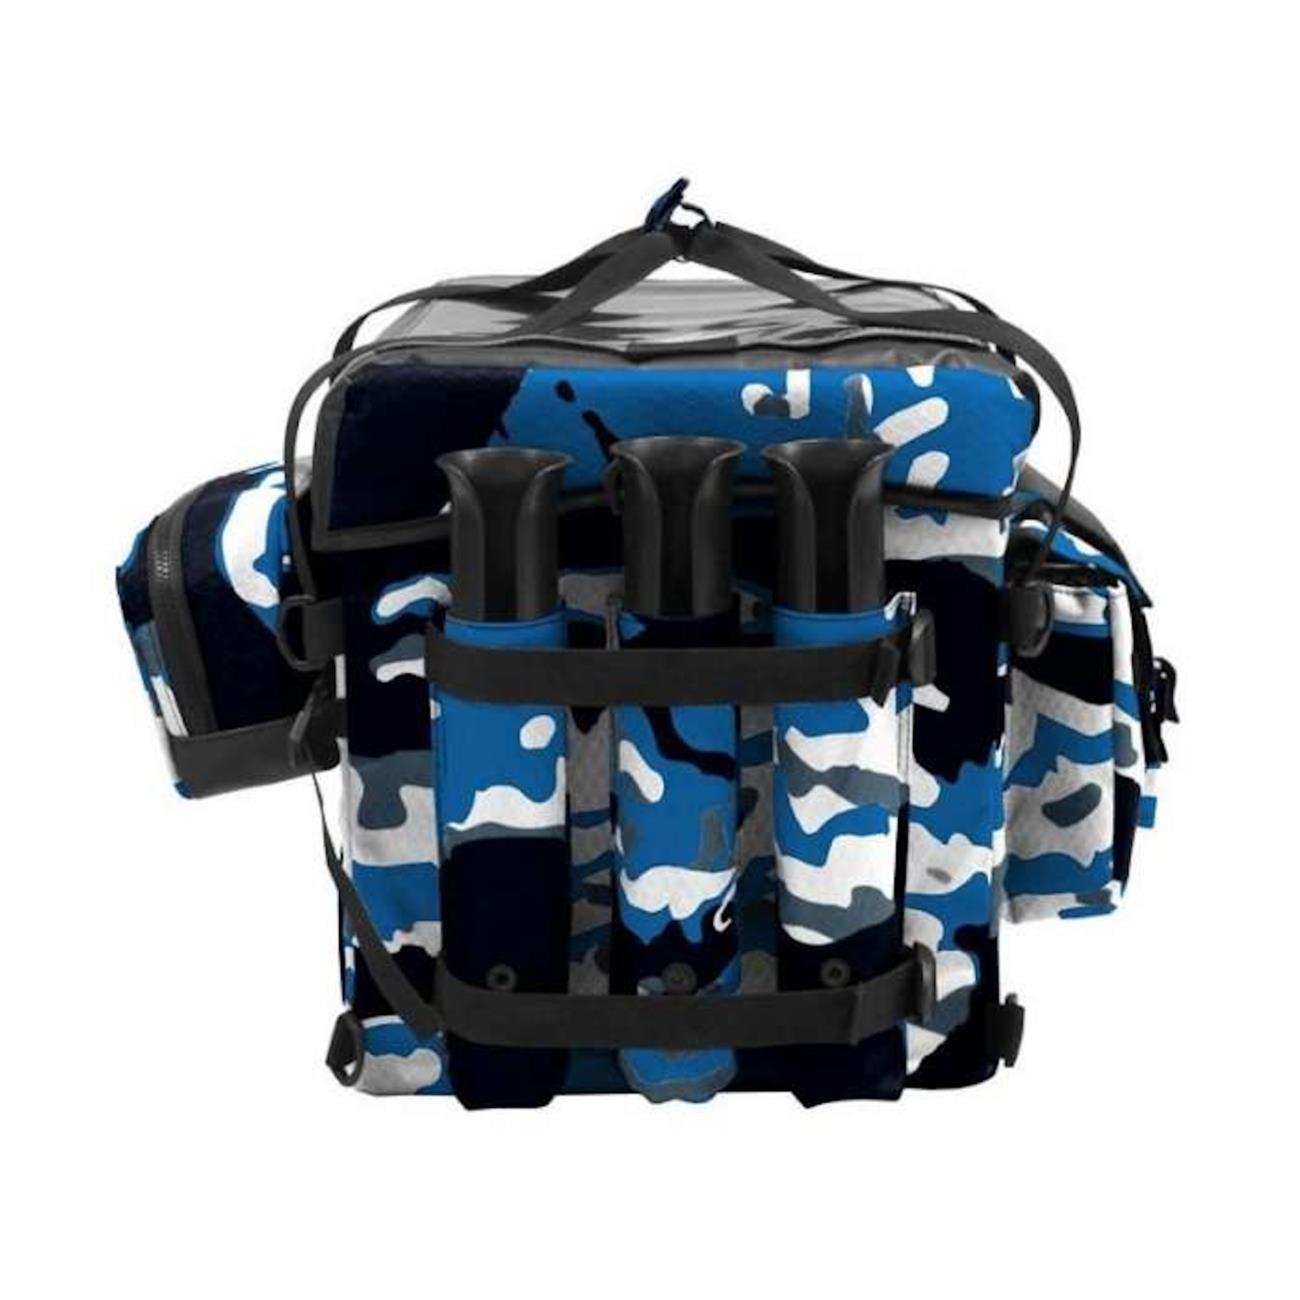 https://feelfreekayak.eu/929-small_default/crate-bag-blue-camo.jpg